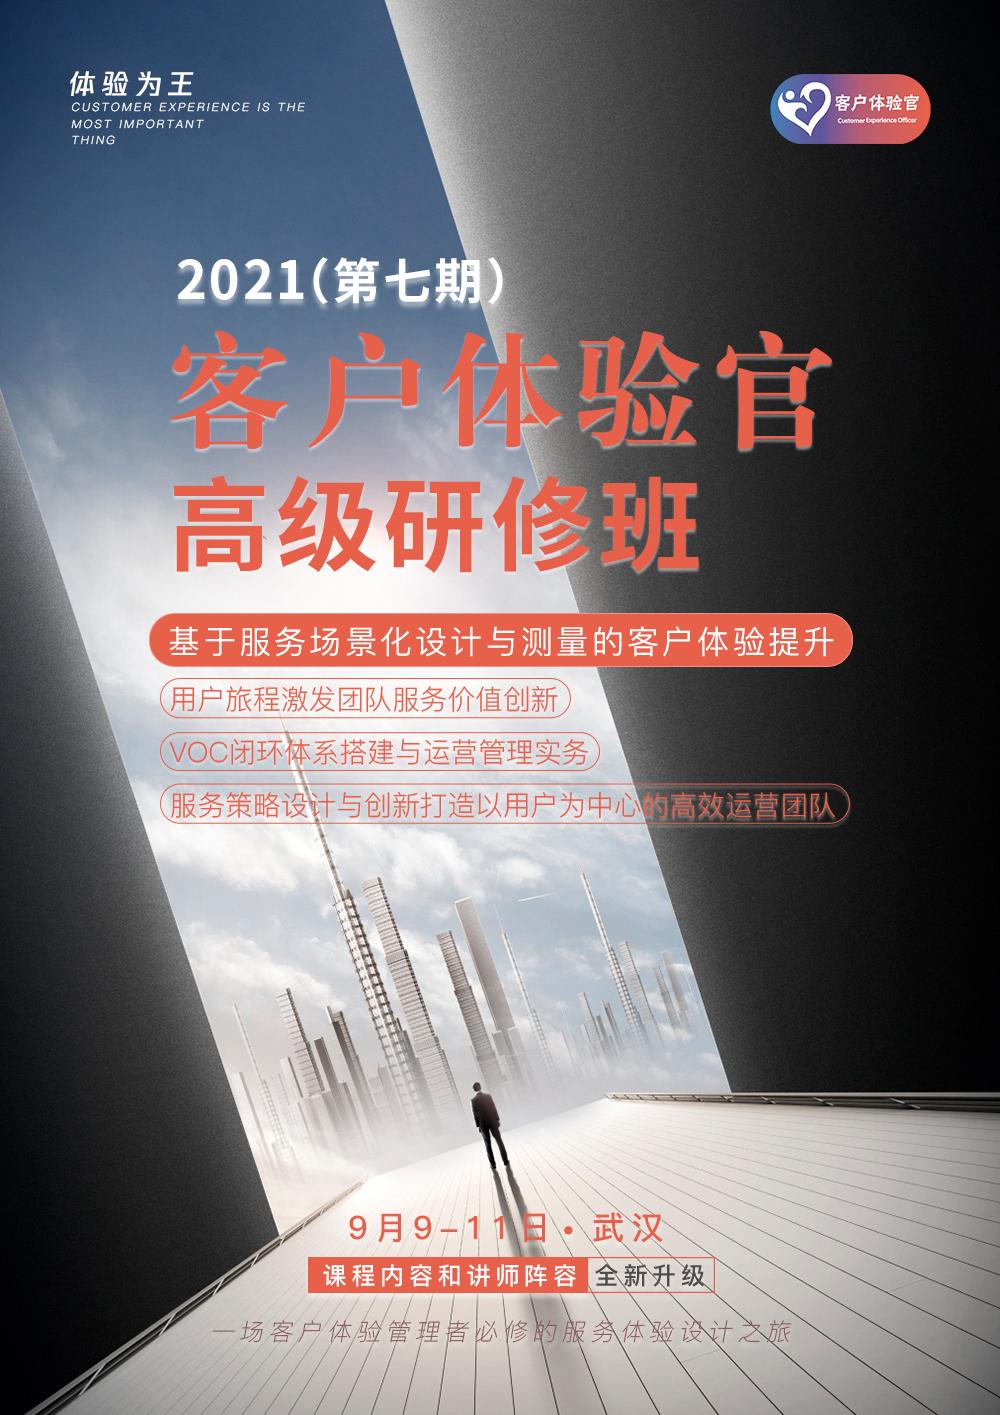 <b>【才博公开课】2021年(第七期)客户体验官高级研修班</b>